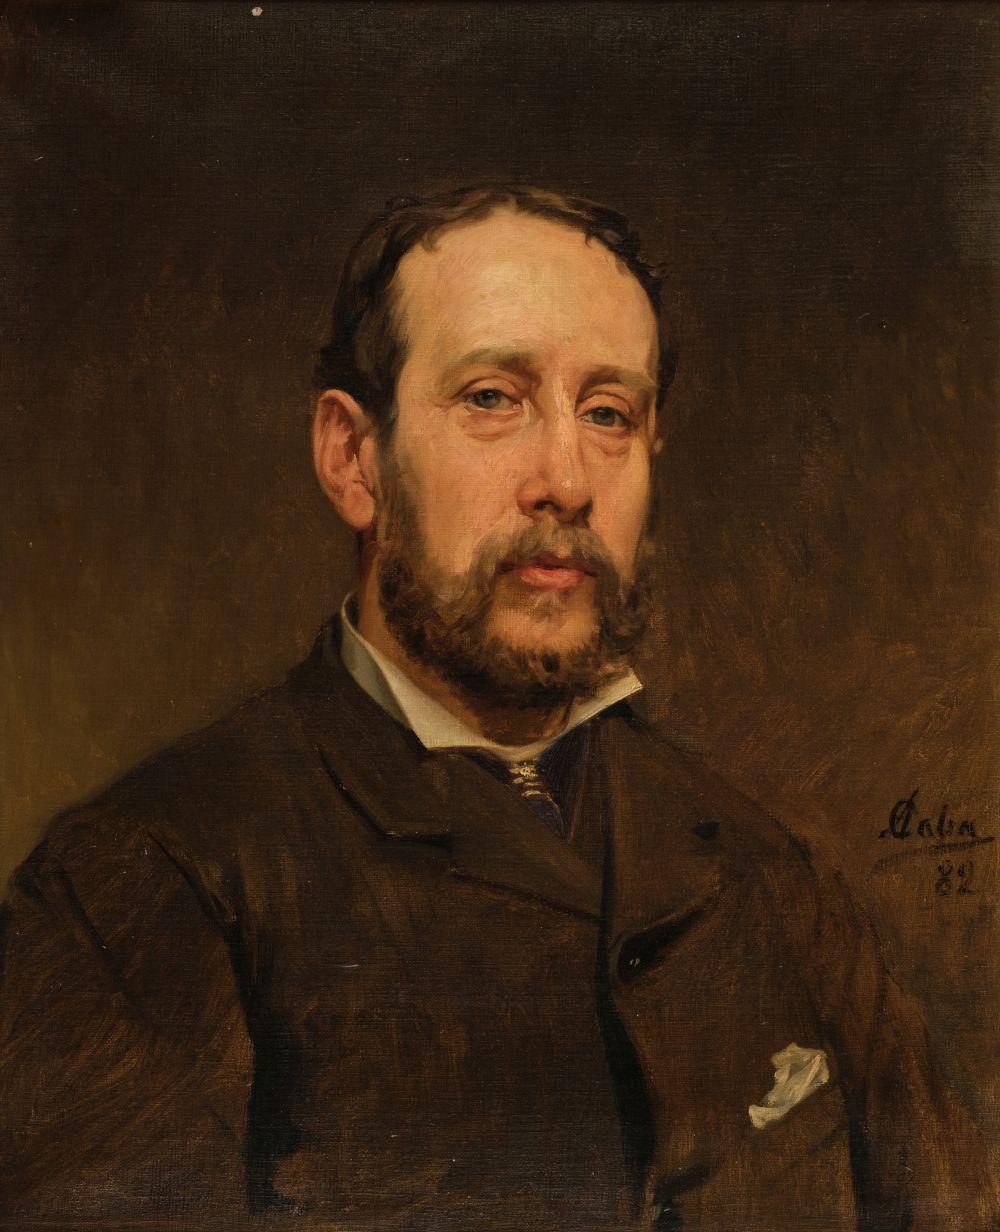 * Caba y Casamitjana (Antonio, 1838-1907). Portrait of a gentleman, 1882